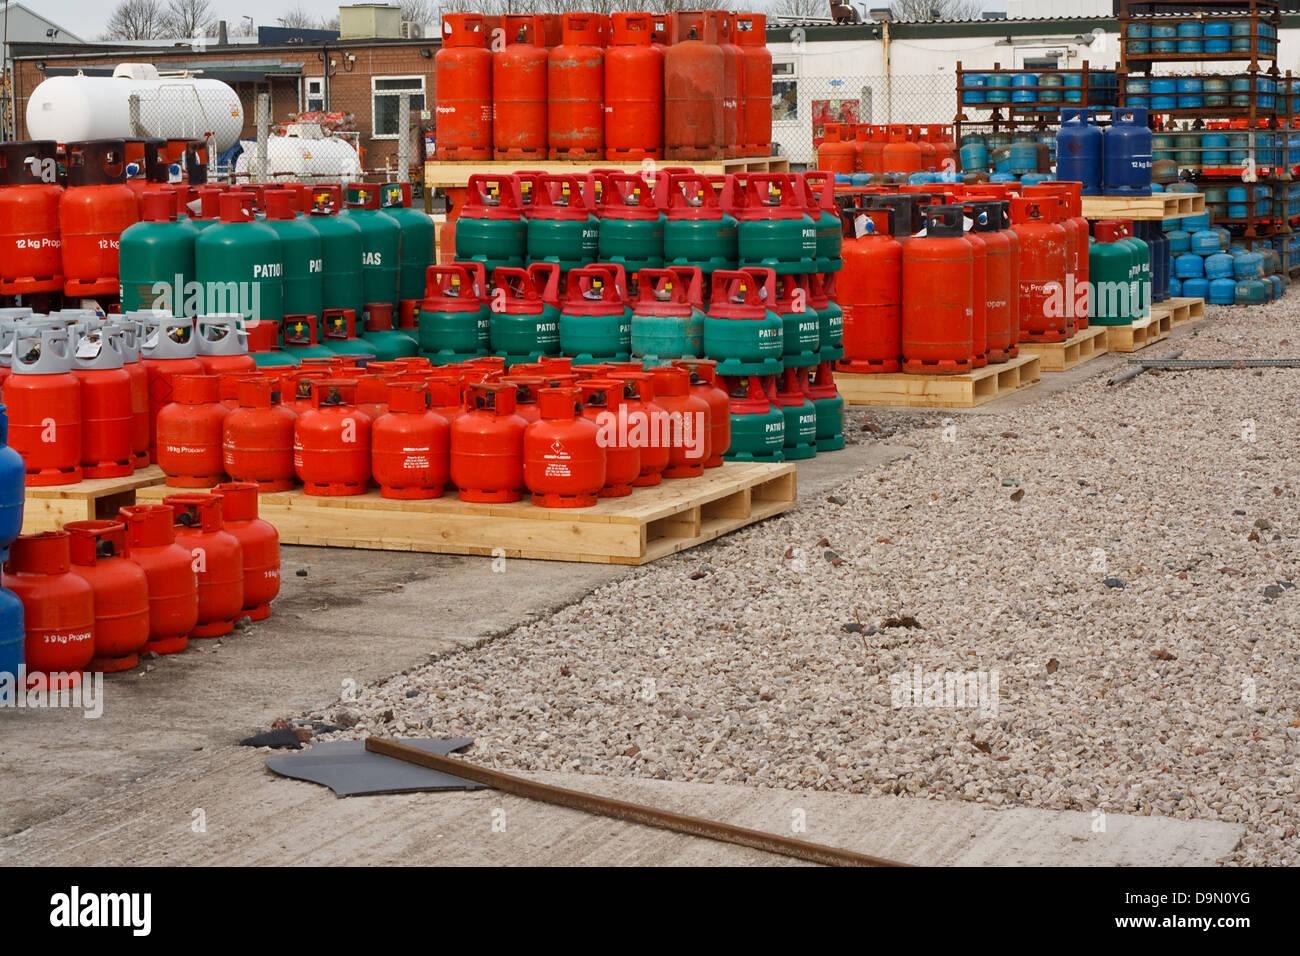 Botellas de gas propano doméstico en almacenamiento en un centro de distribución Imagen De Stock